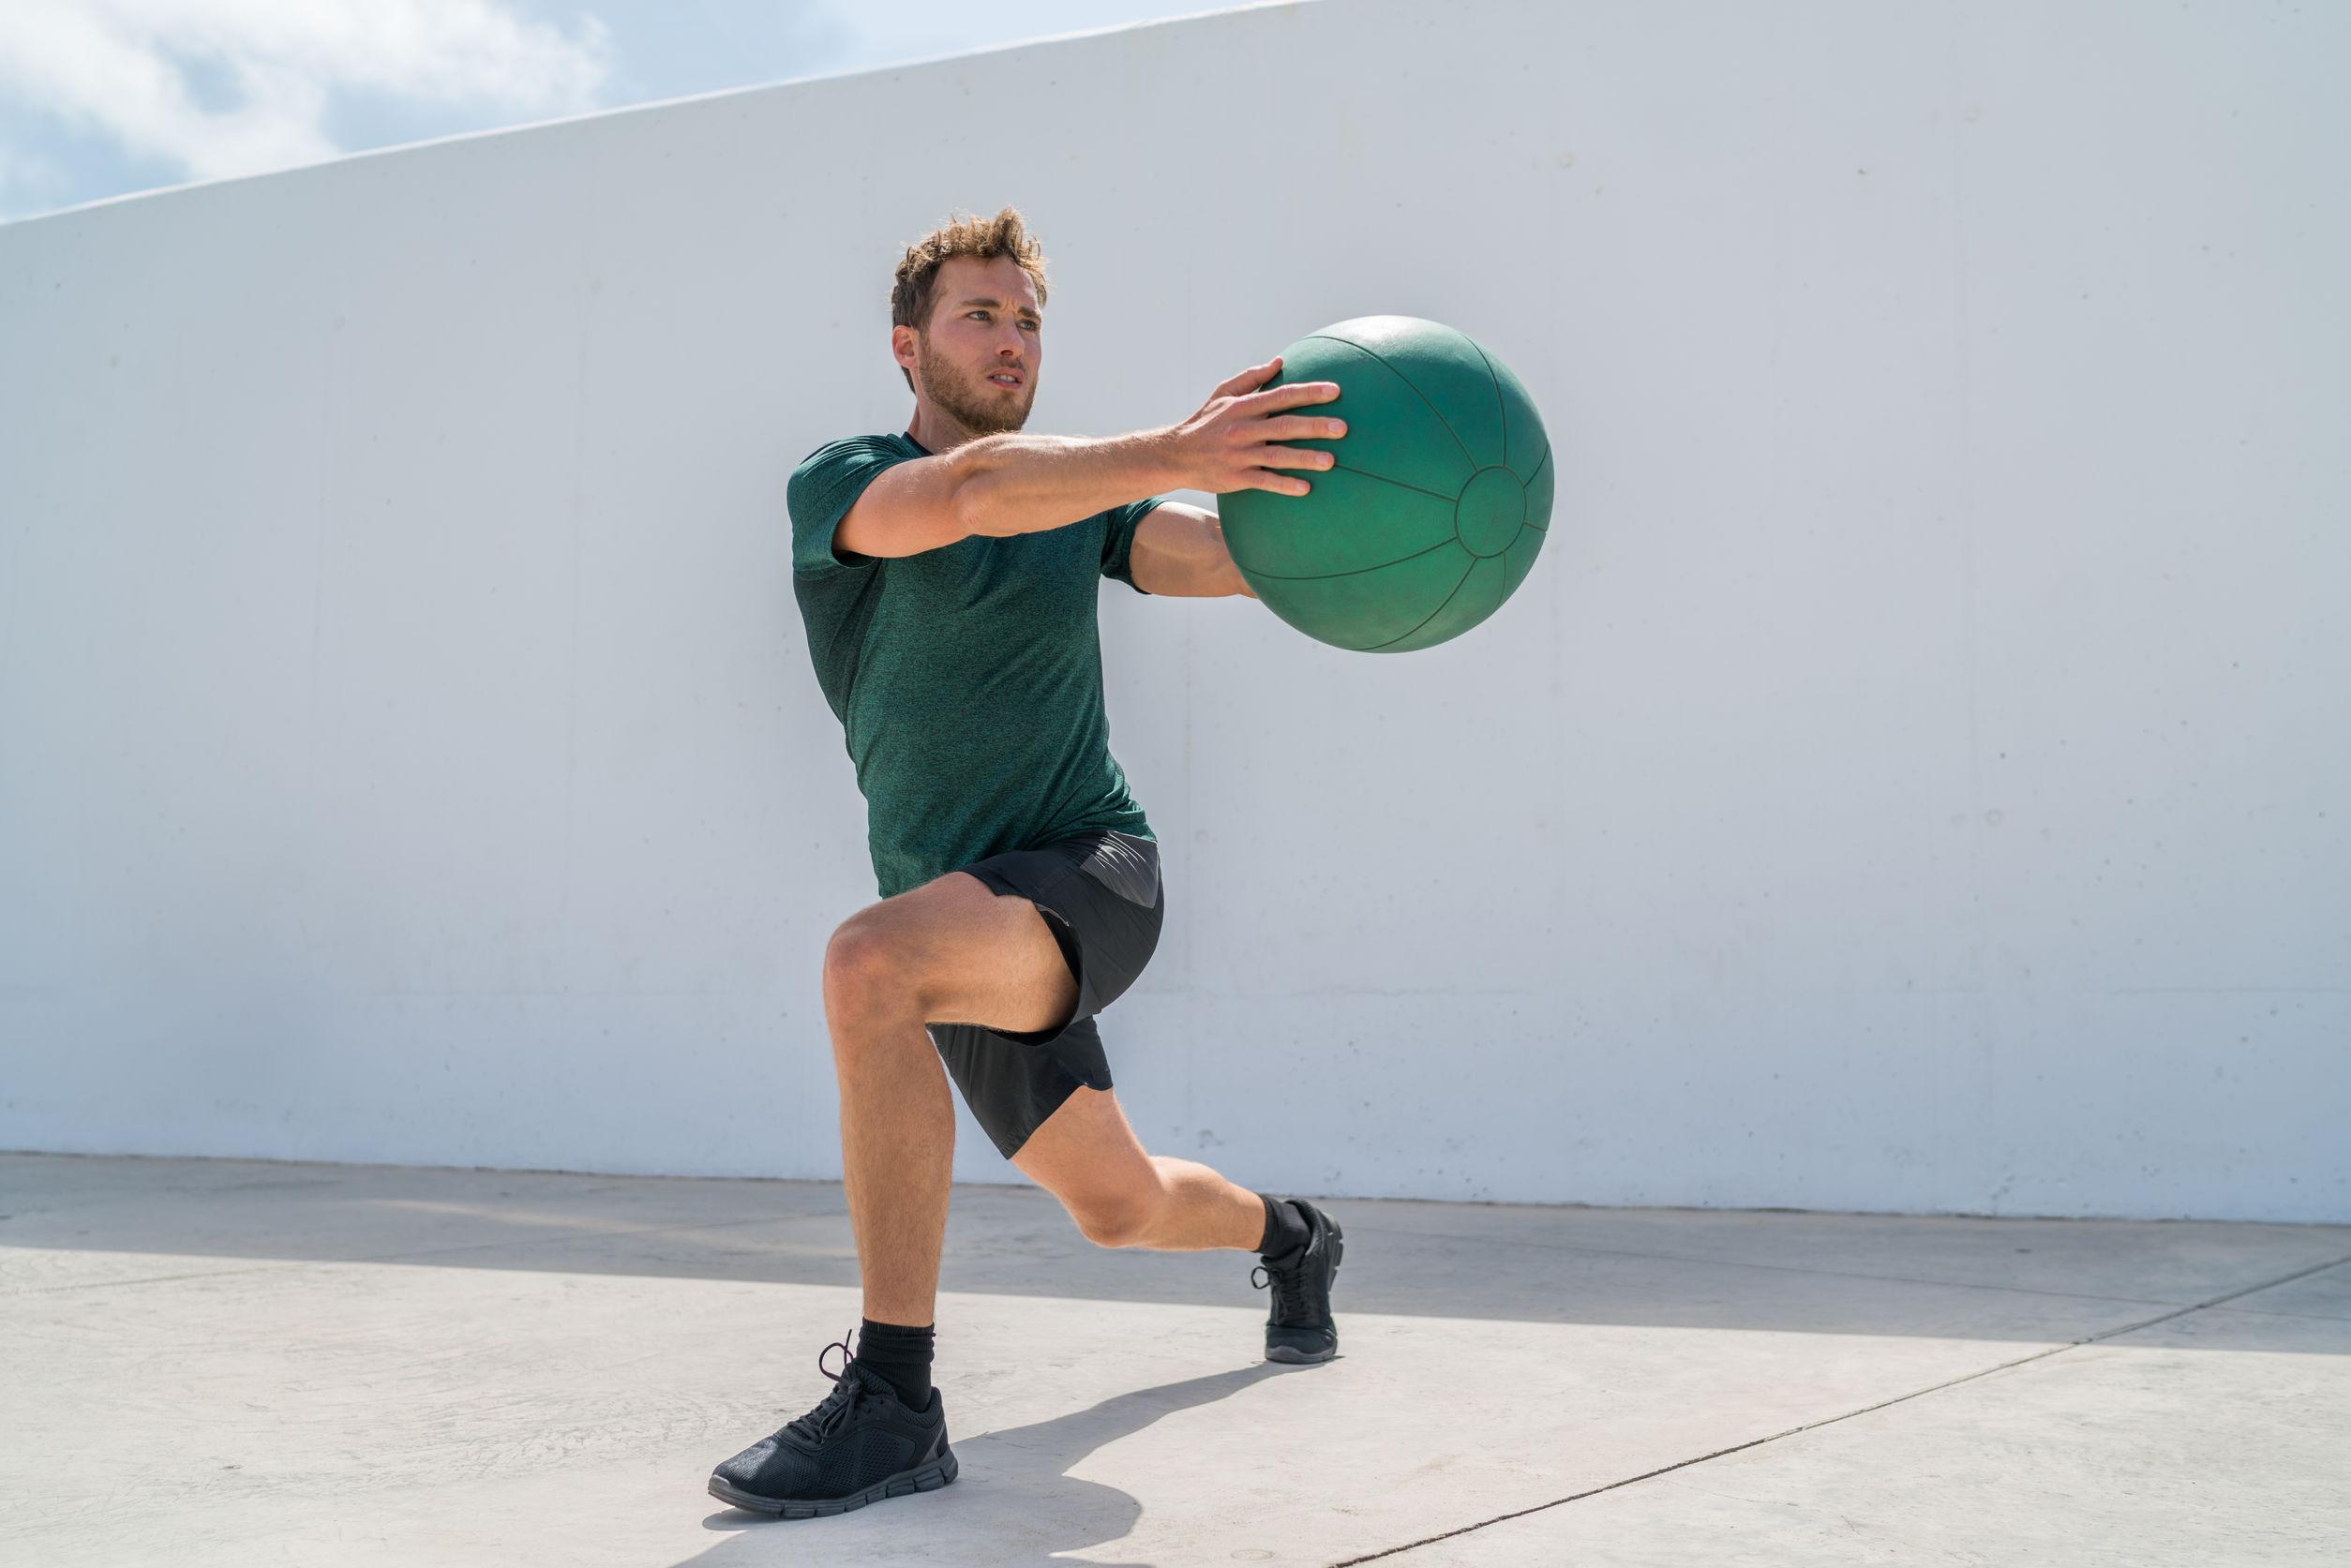 atleta de gimnasio haciendo estocadas y rotaciones de torso para entrenamiento de abdominales.